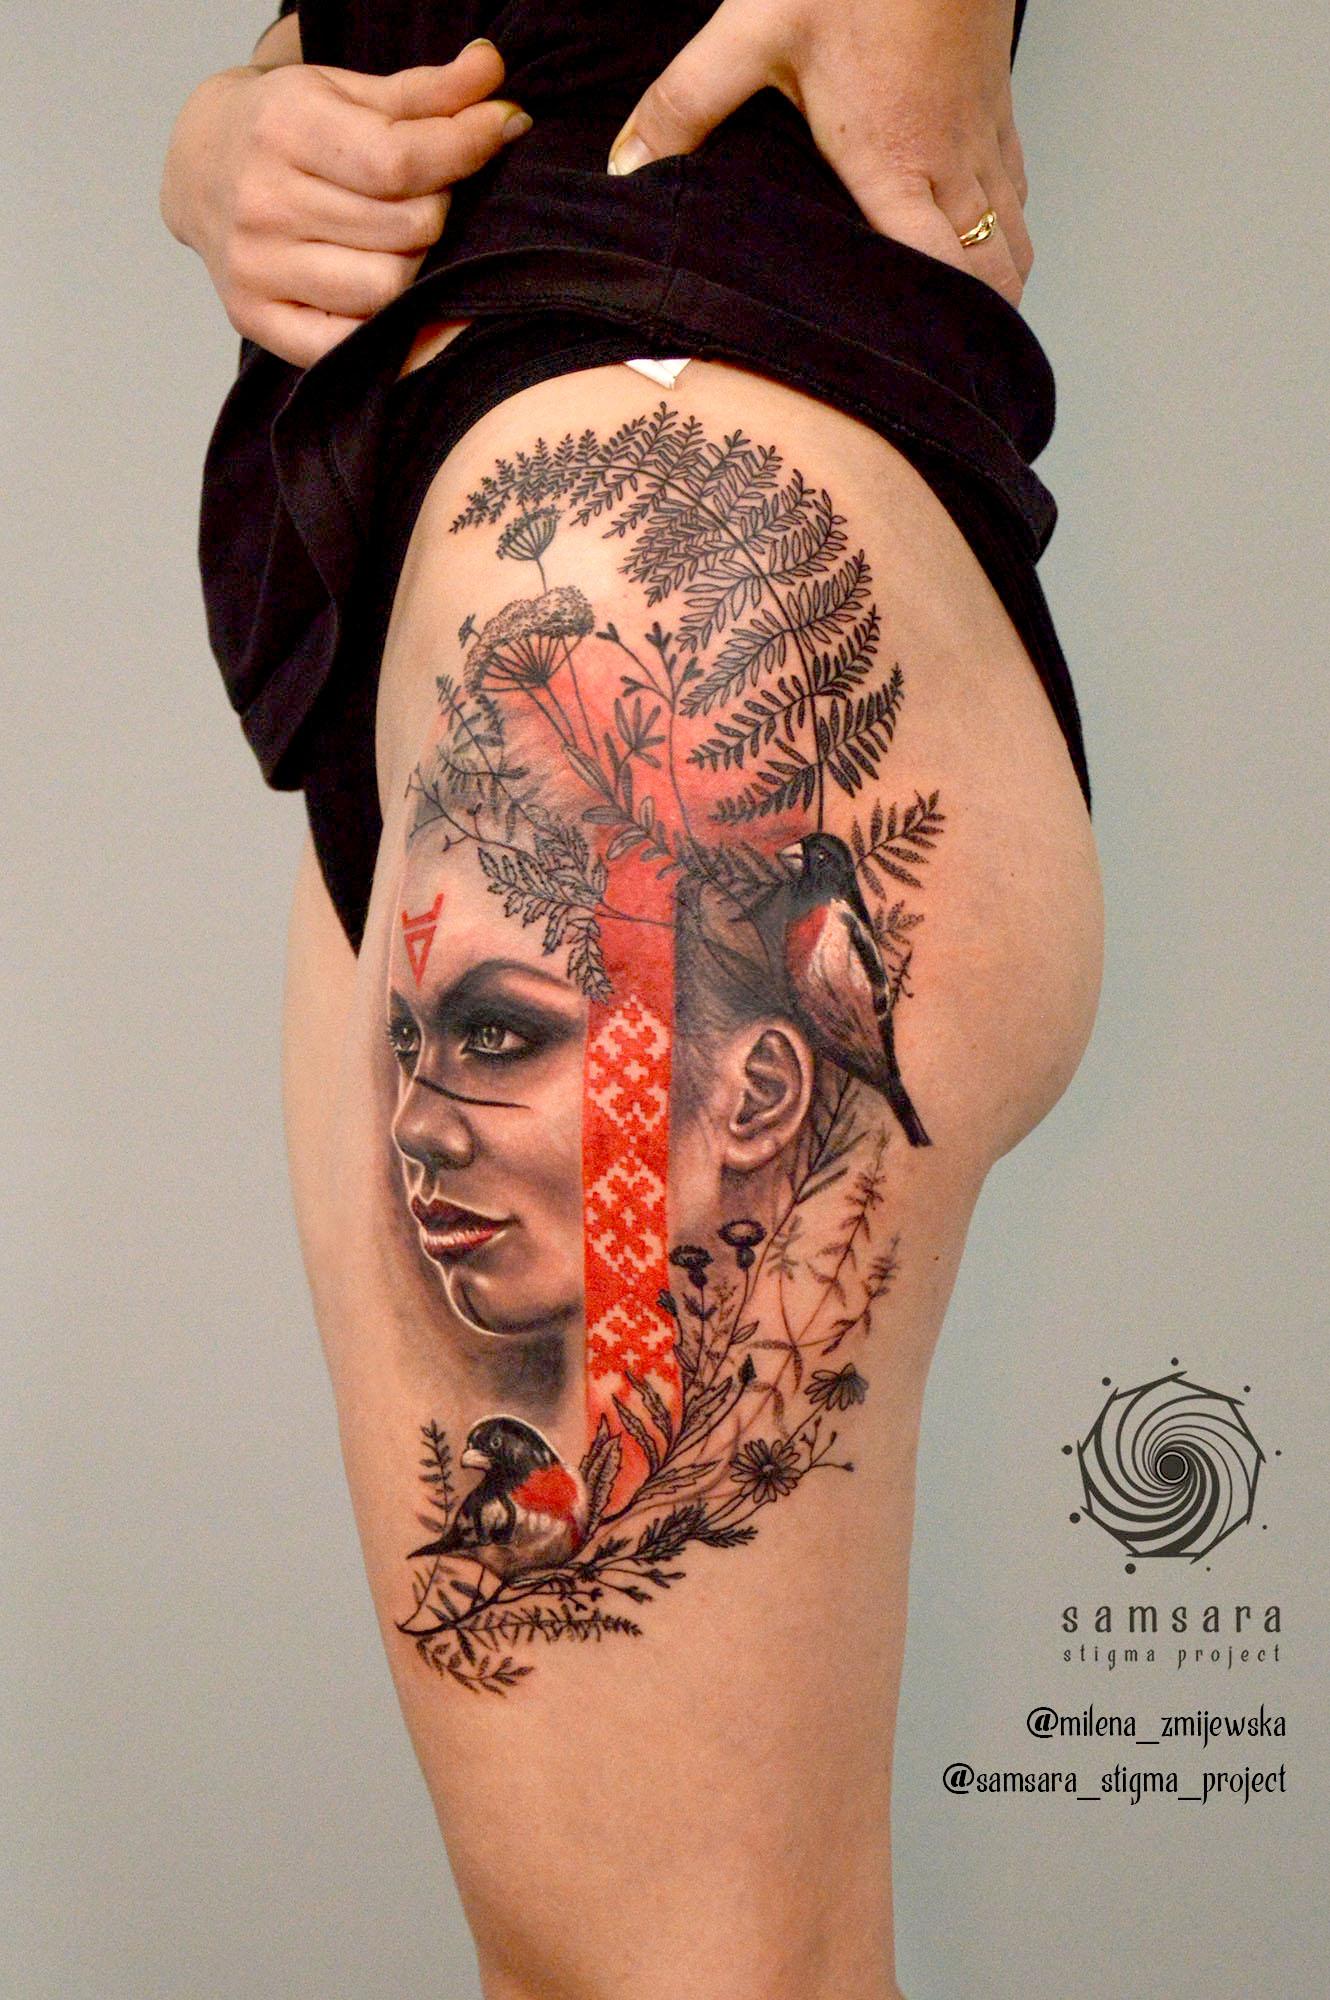 milena zmijewska tattoo artist realistic woman portrait leg